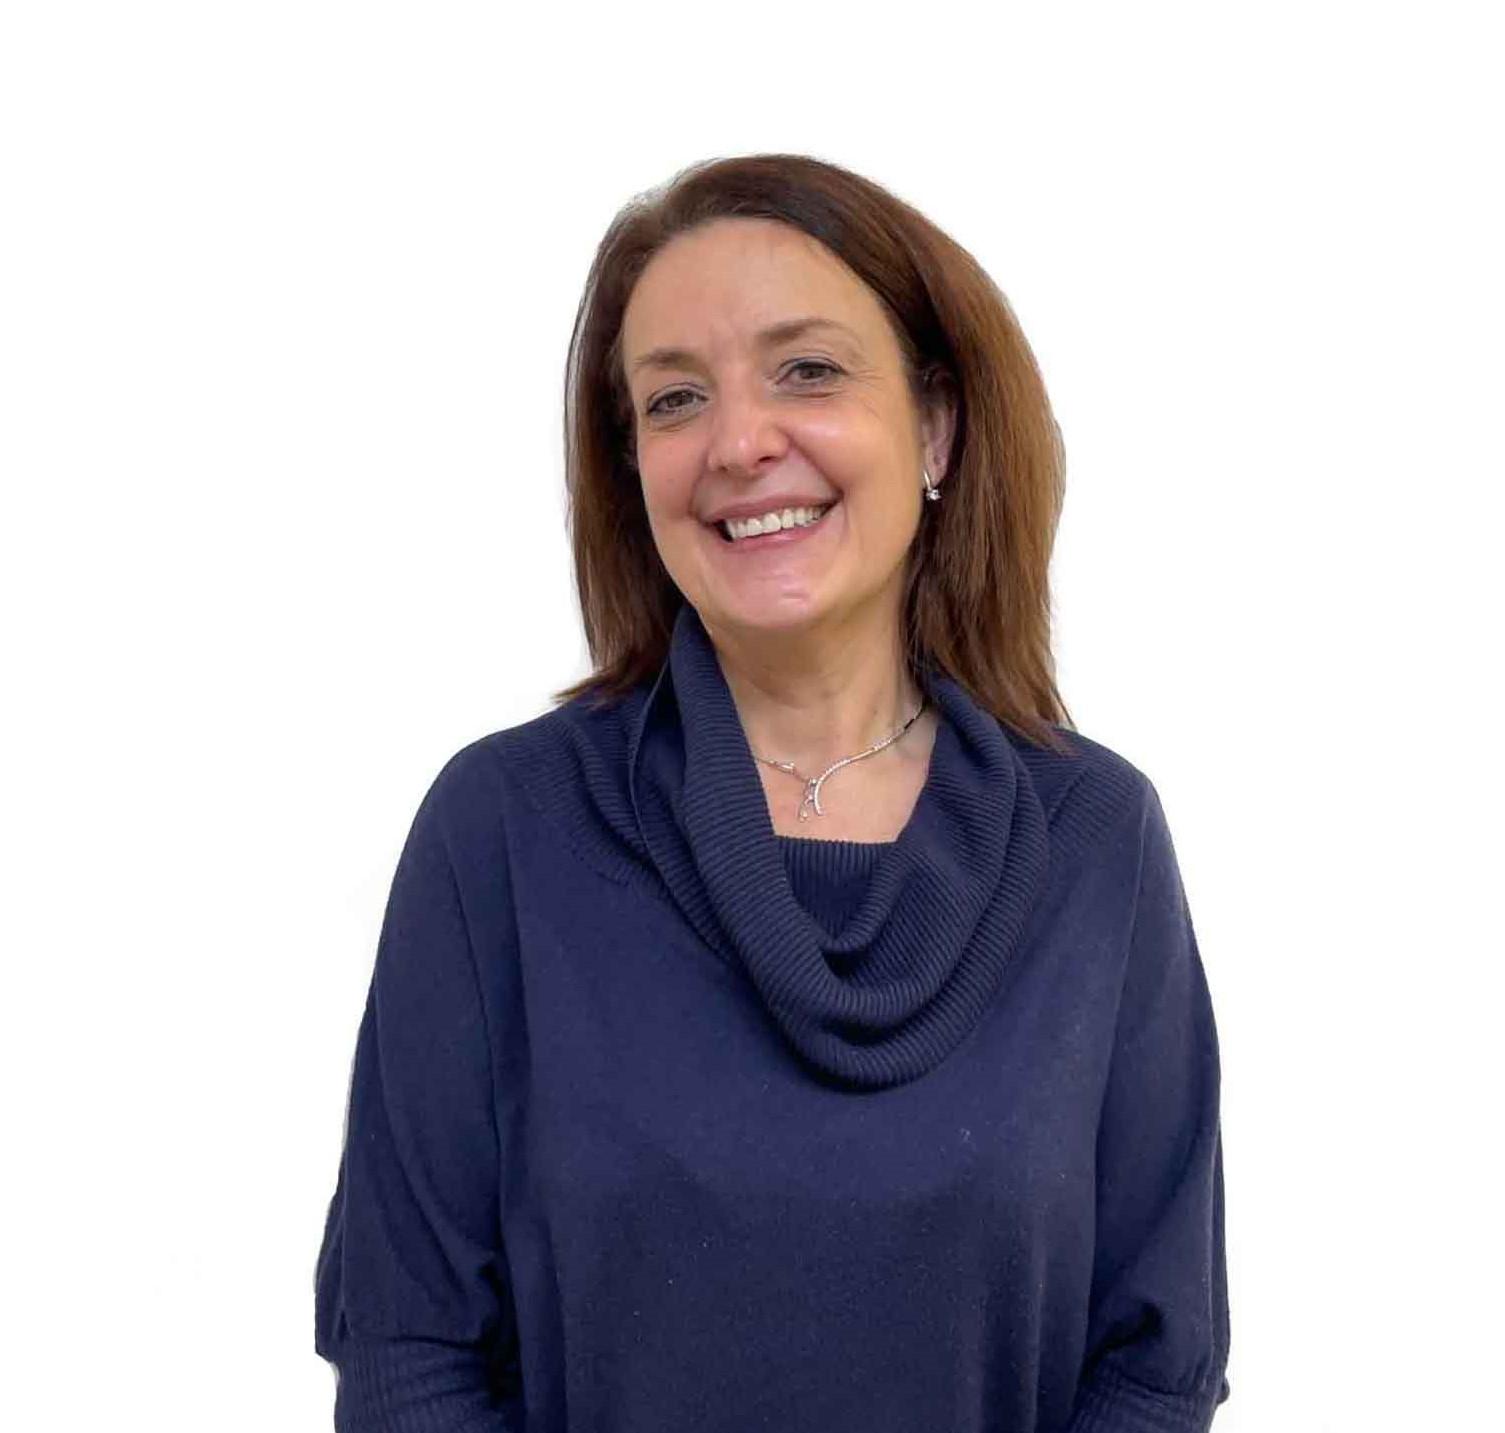 Maria Eva Lopez Garrido